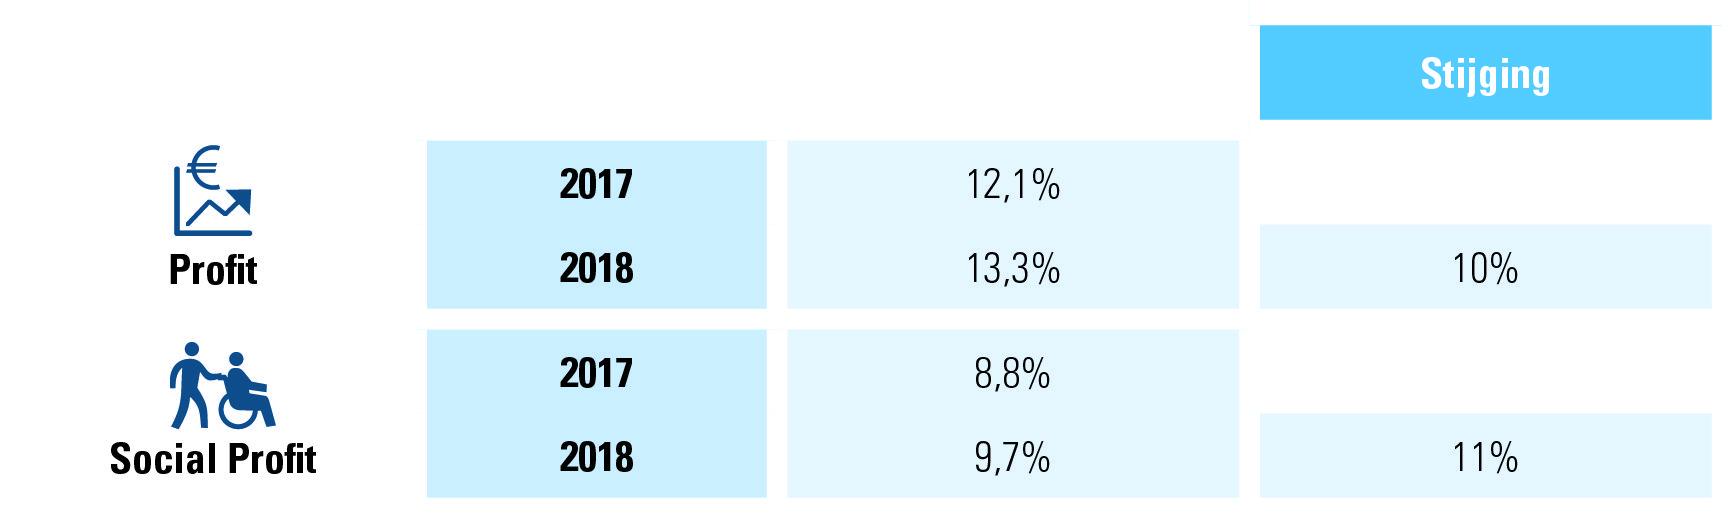 Tabel 3: beëindiging arbeidsovereenkomsten onbepaalde duur 2018, profit vs. social profit